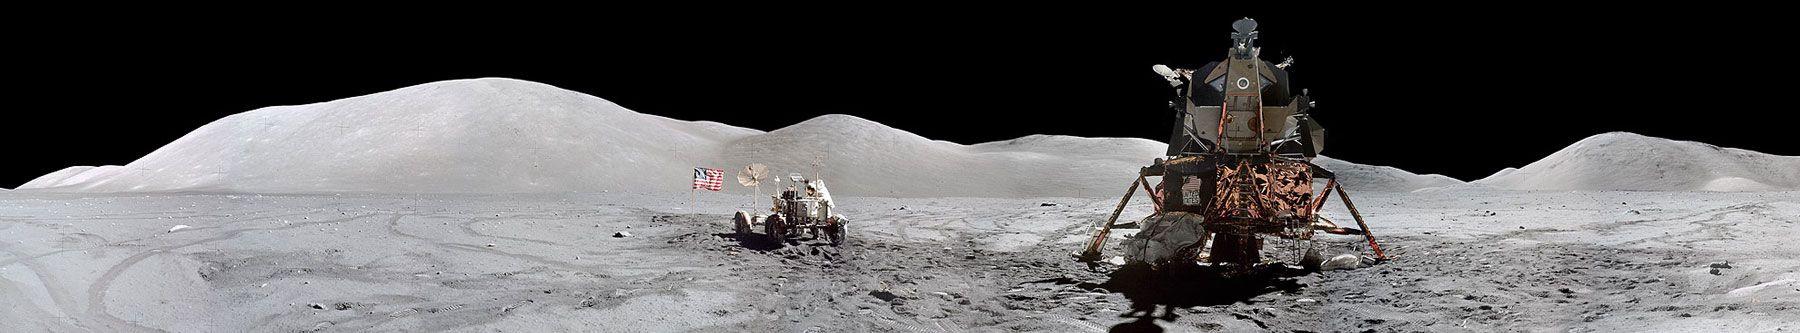 Apollo 17 pan